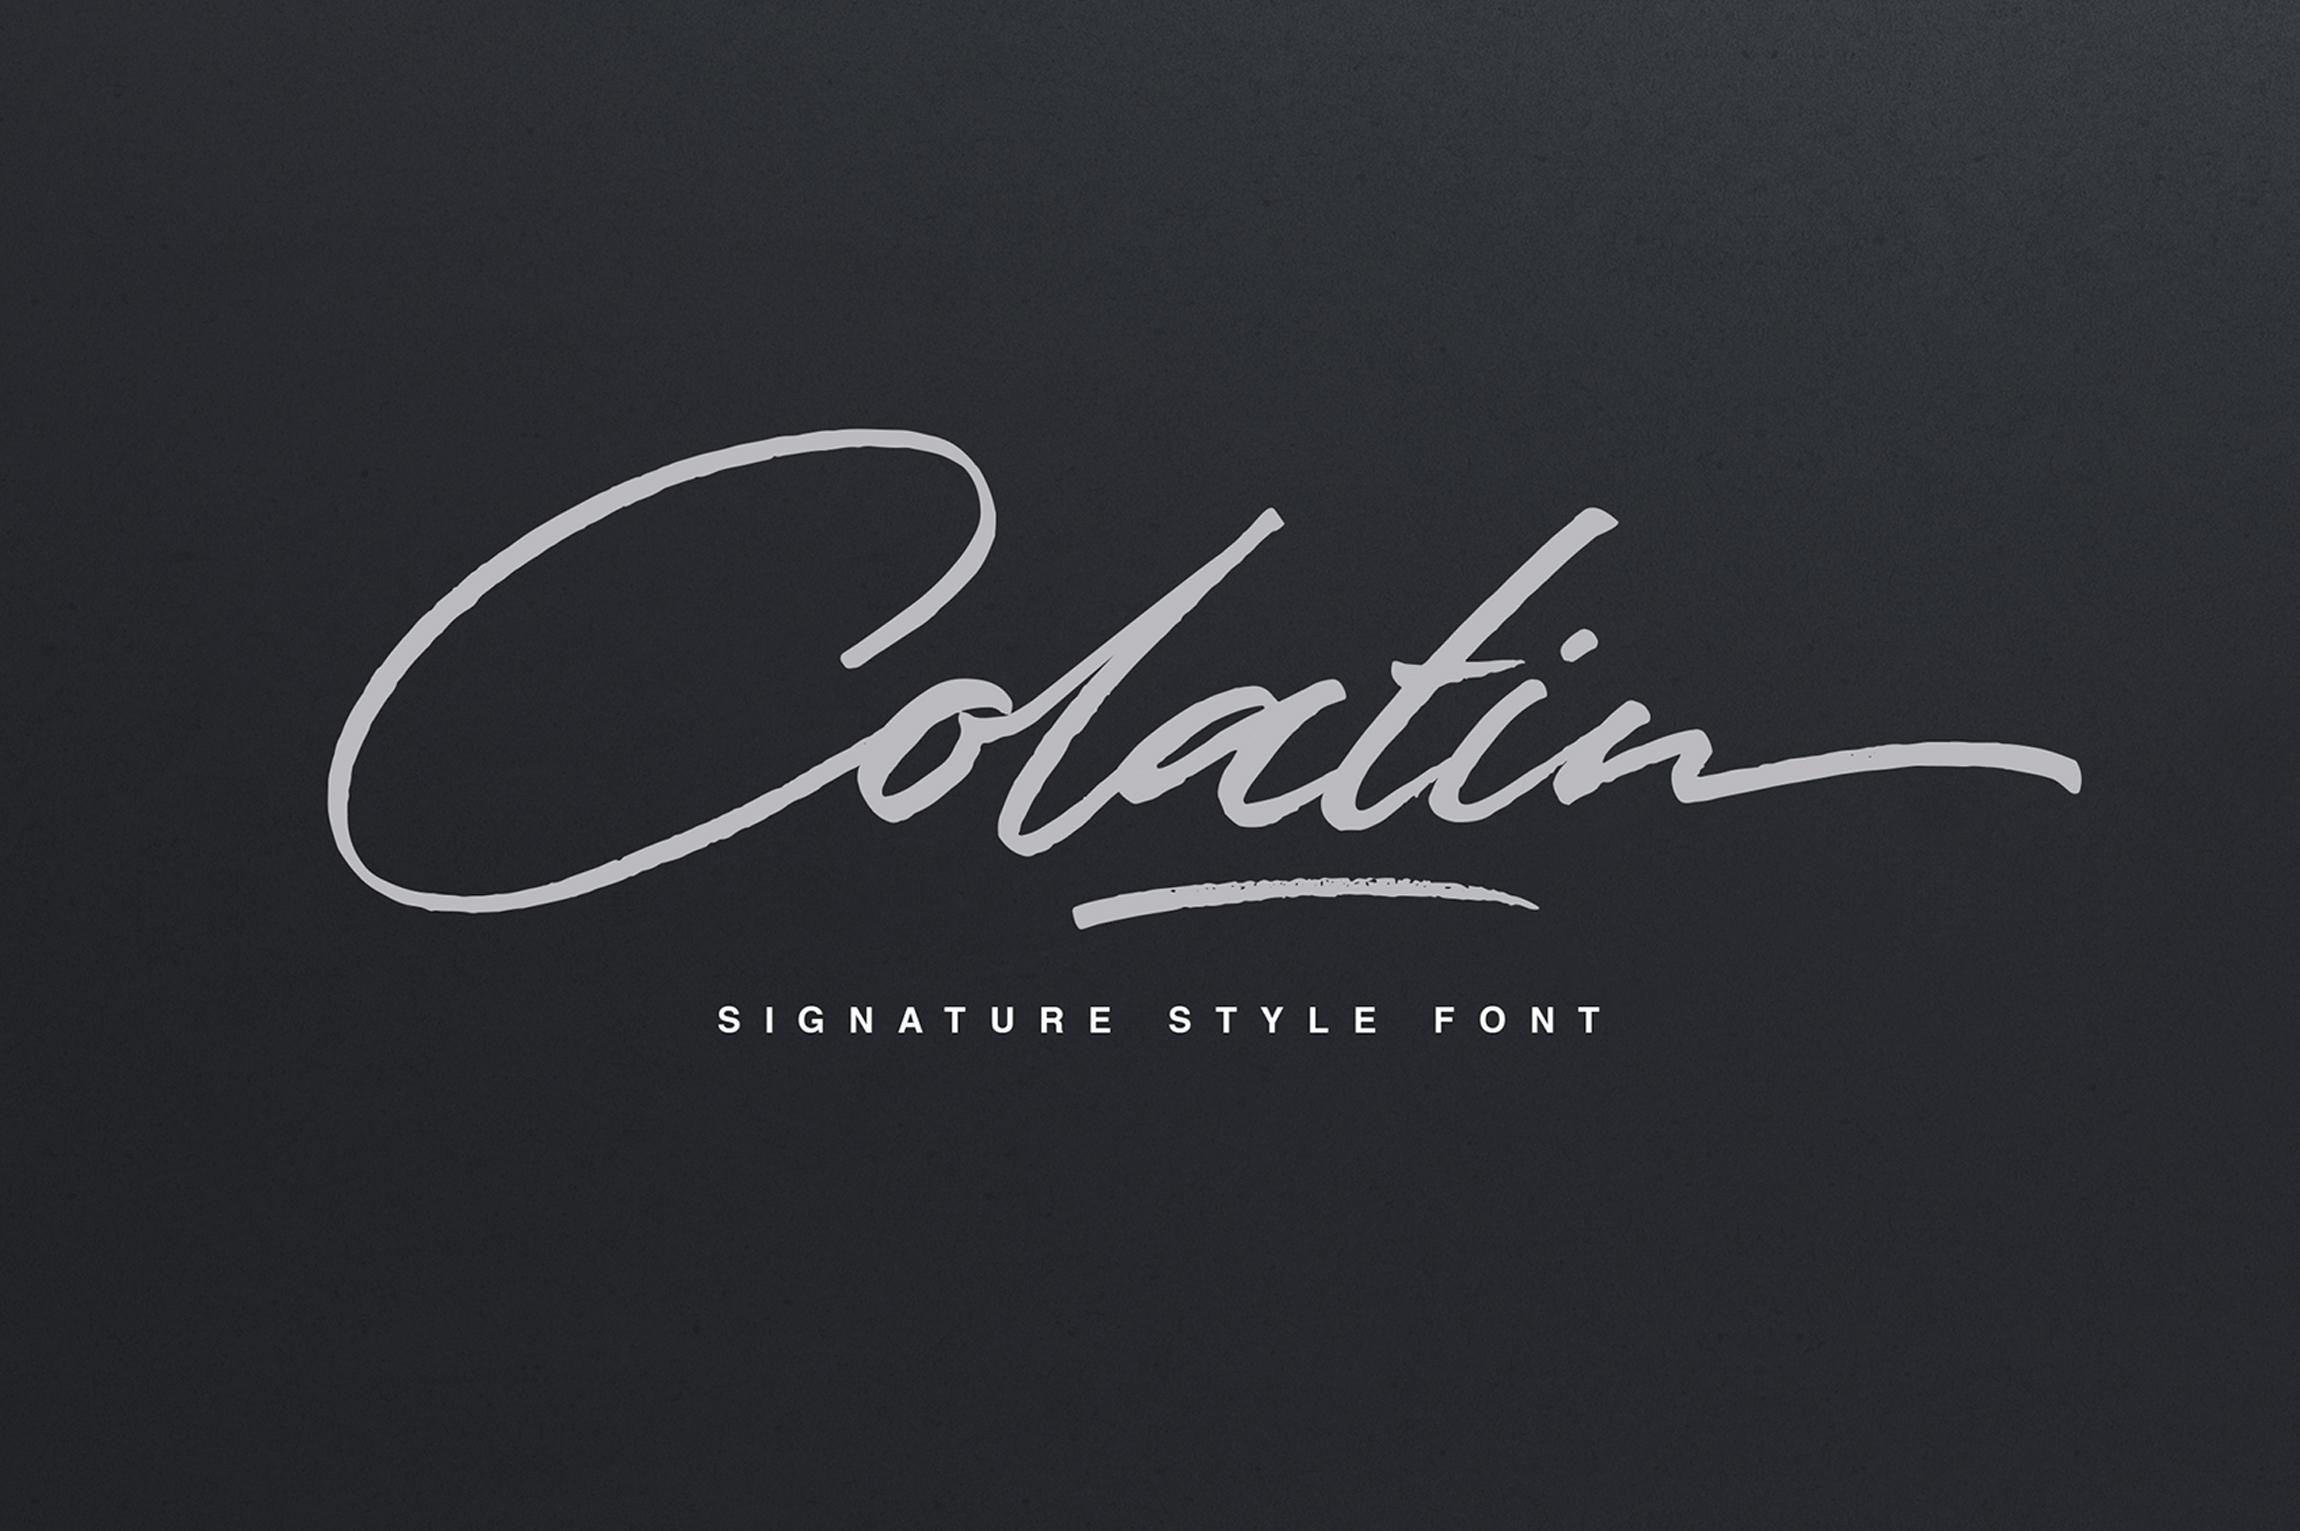 Colatin Script example image 1